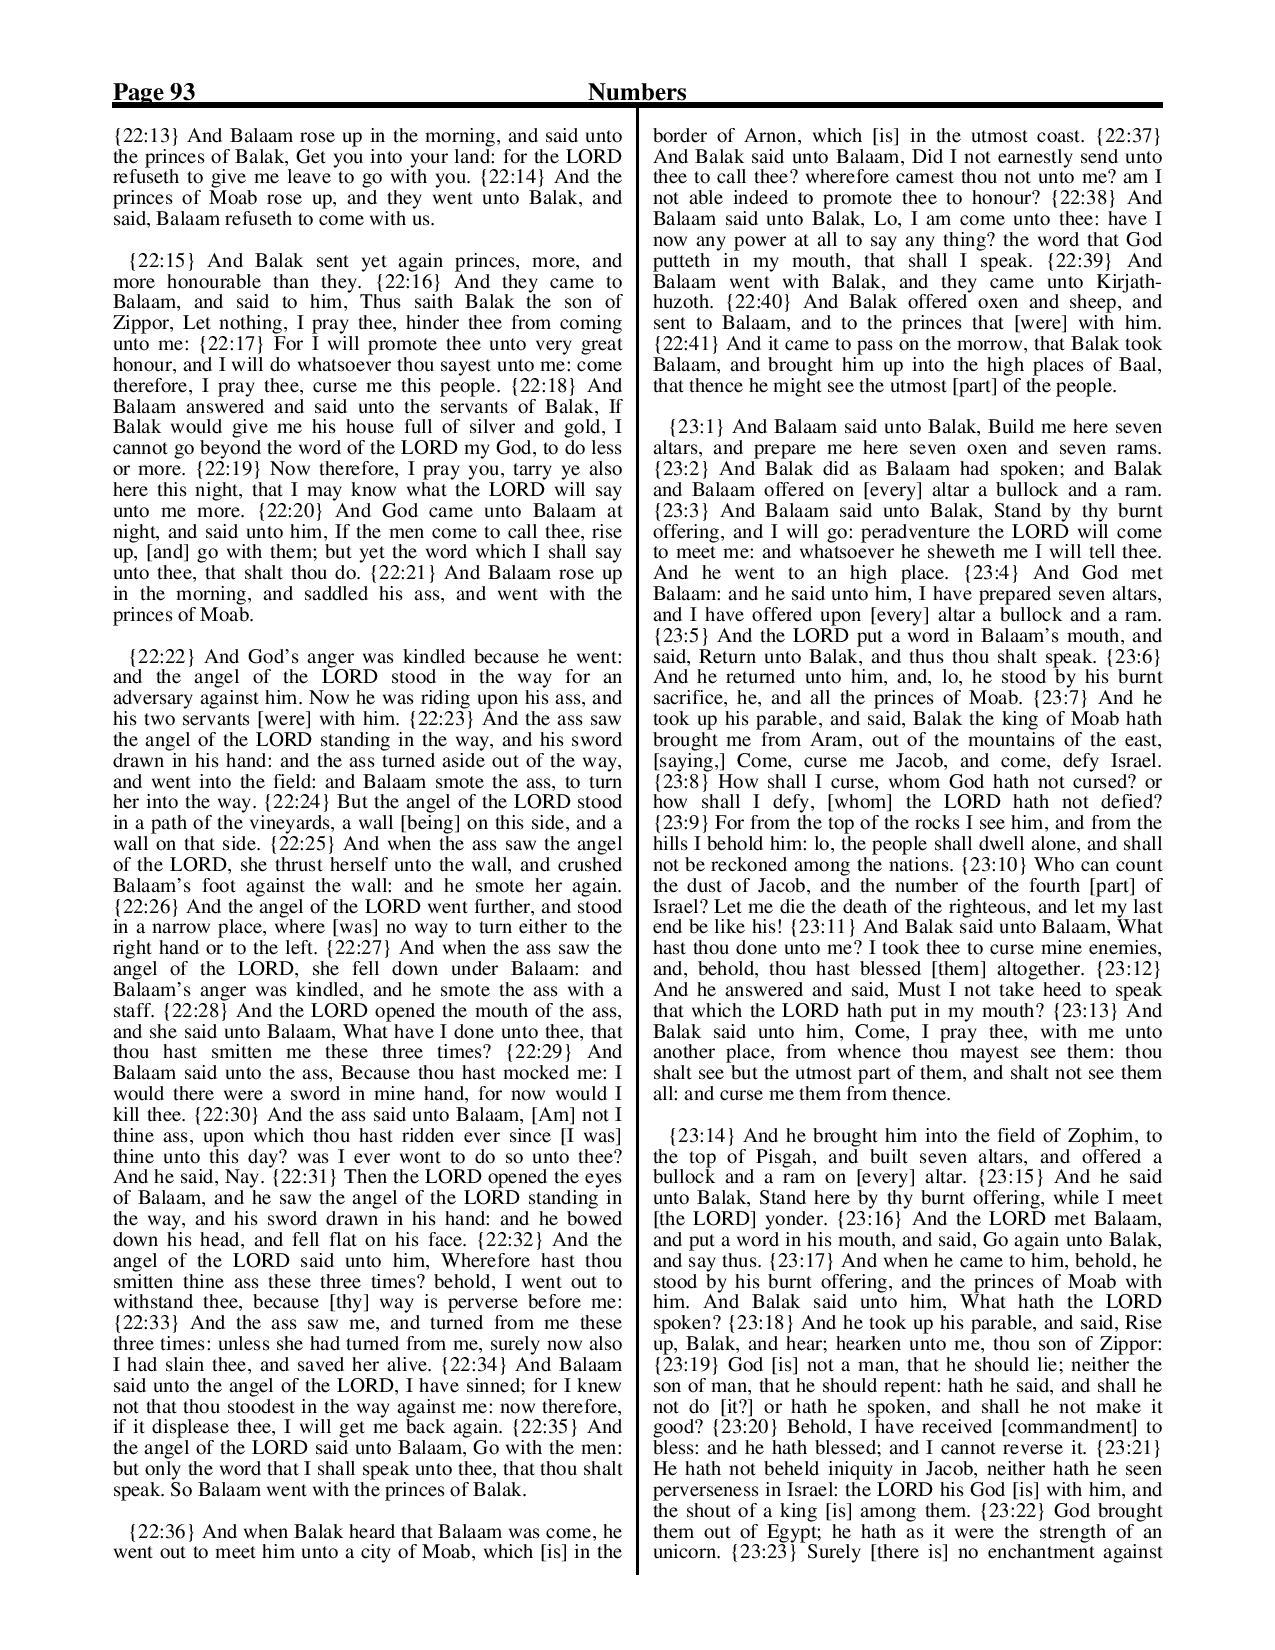 King-James-Bible-KJV-Bible-PDF-page-114